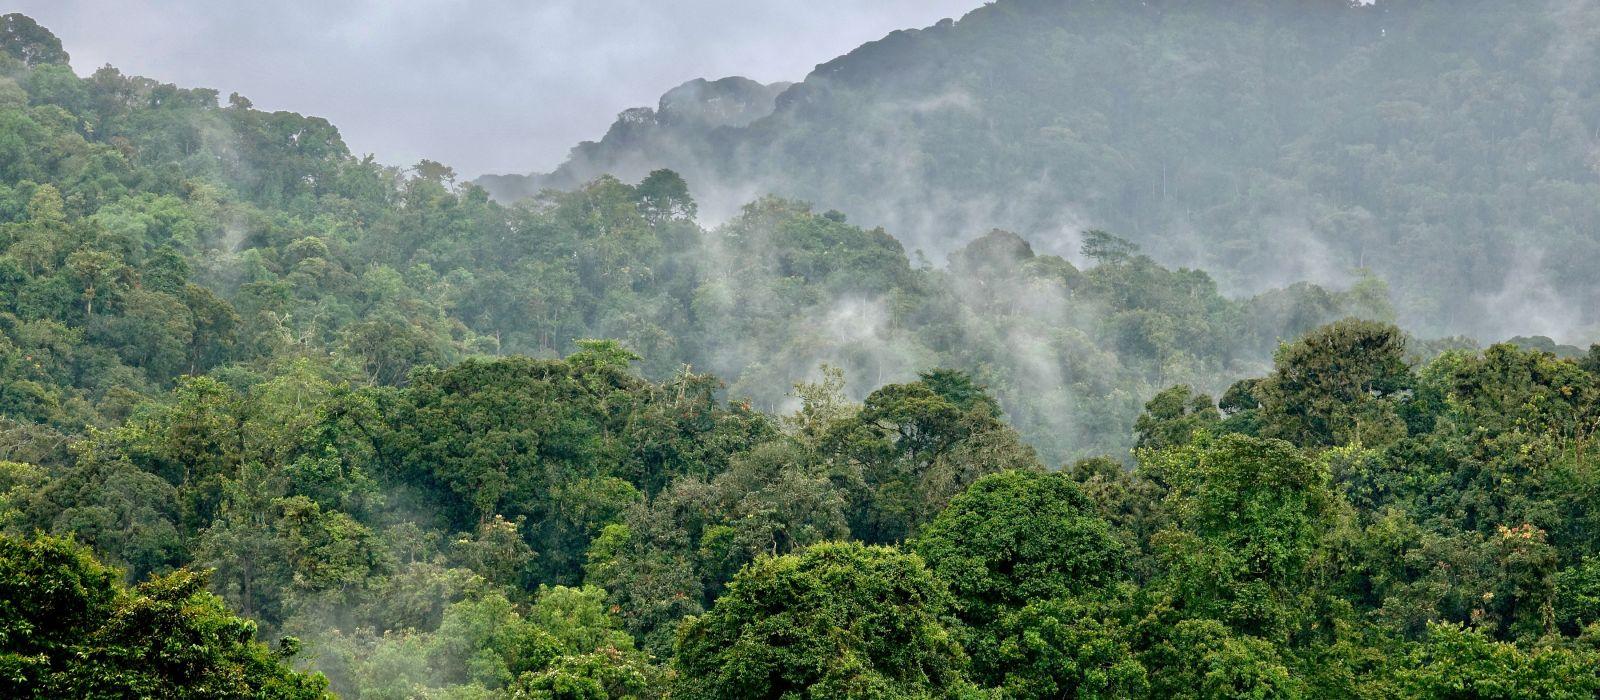 Rainforest Nyungwe, Rwanda, Africa, Landscape - Rwanda travel guide